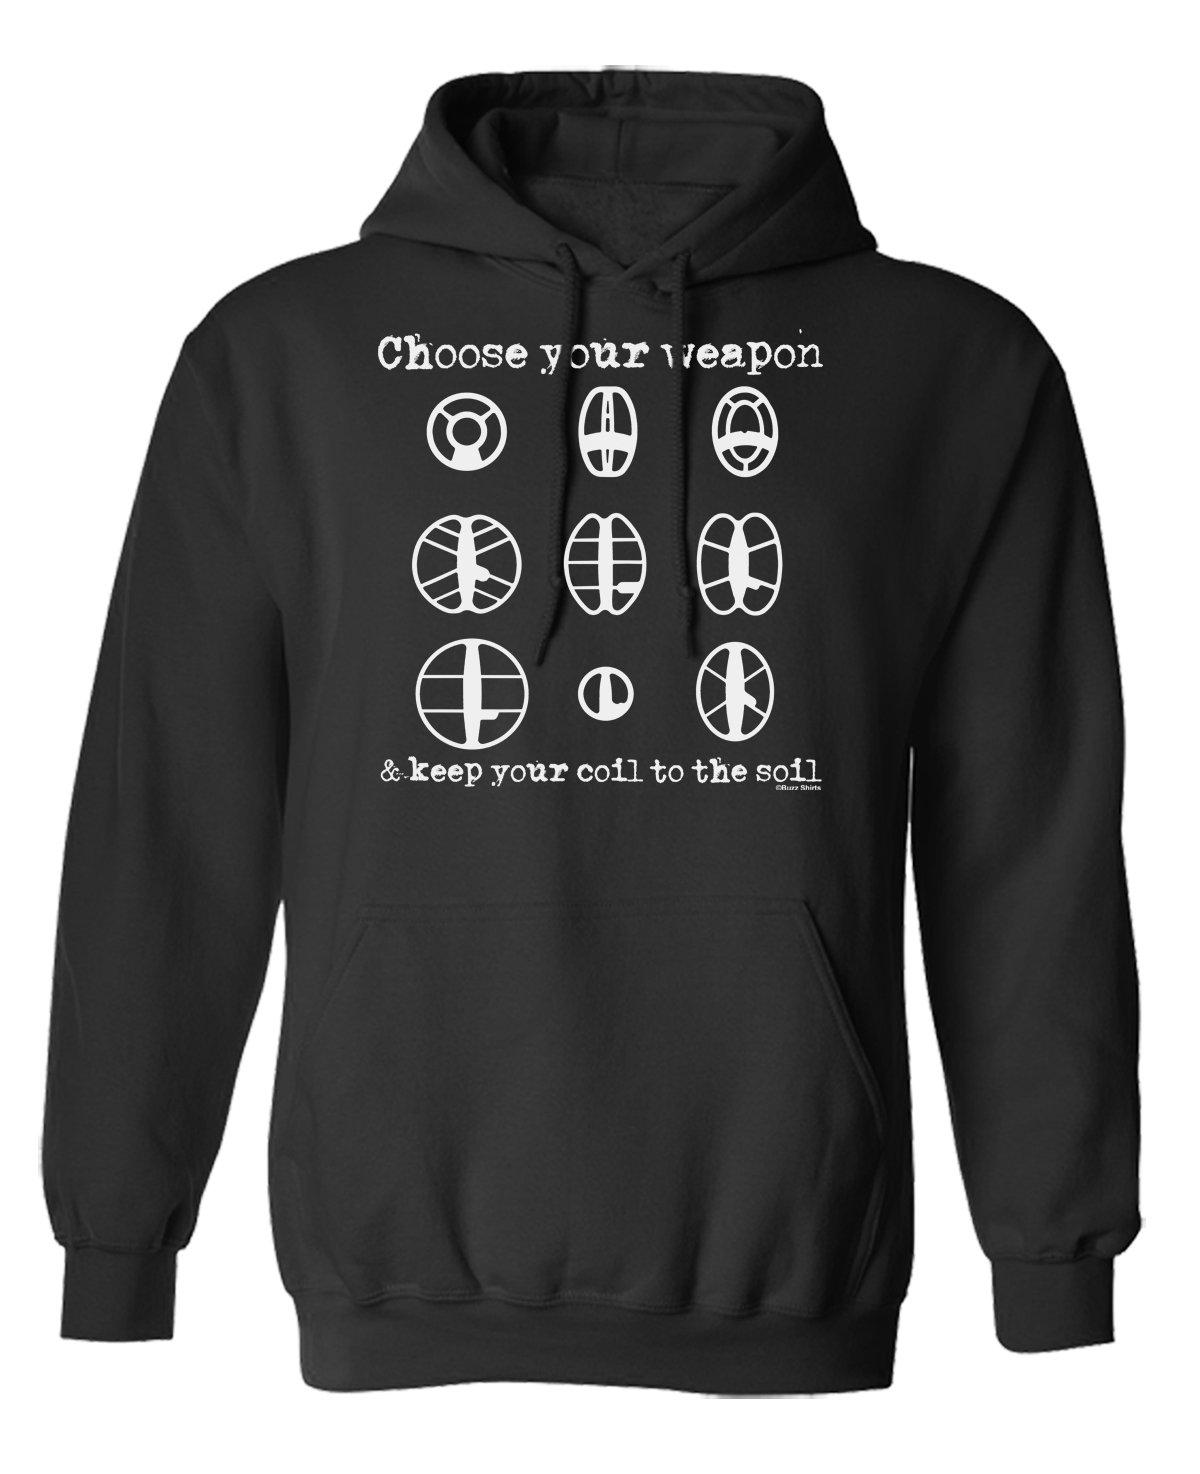 Choose Your Weapon METAL DETECTOR Wahl von Hoodie oder von Strickjacke  Herren Damen Unisex: Amazon.de: Bekleidung